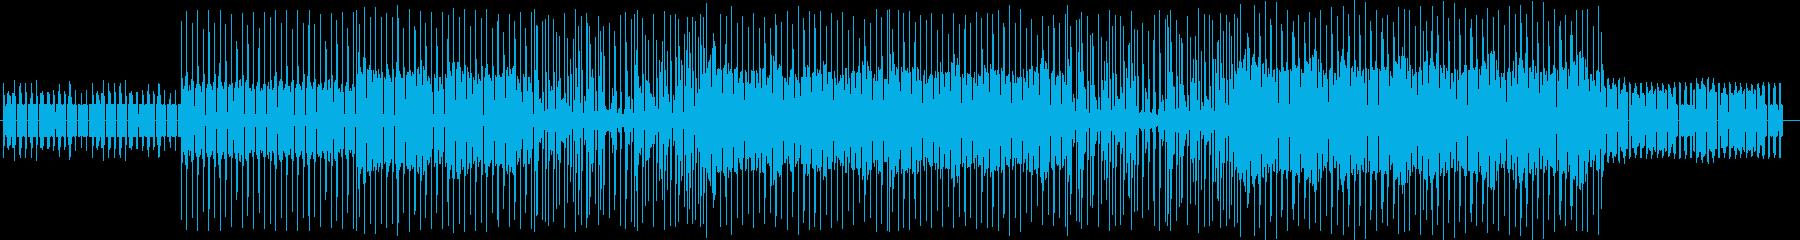 猫をイメージした軽快なポップスの再生済みの波形